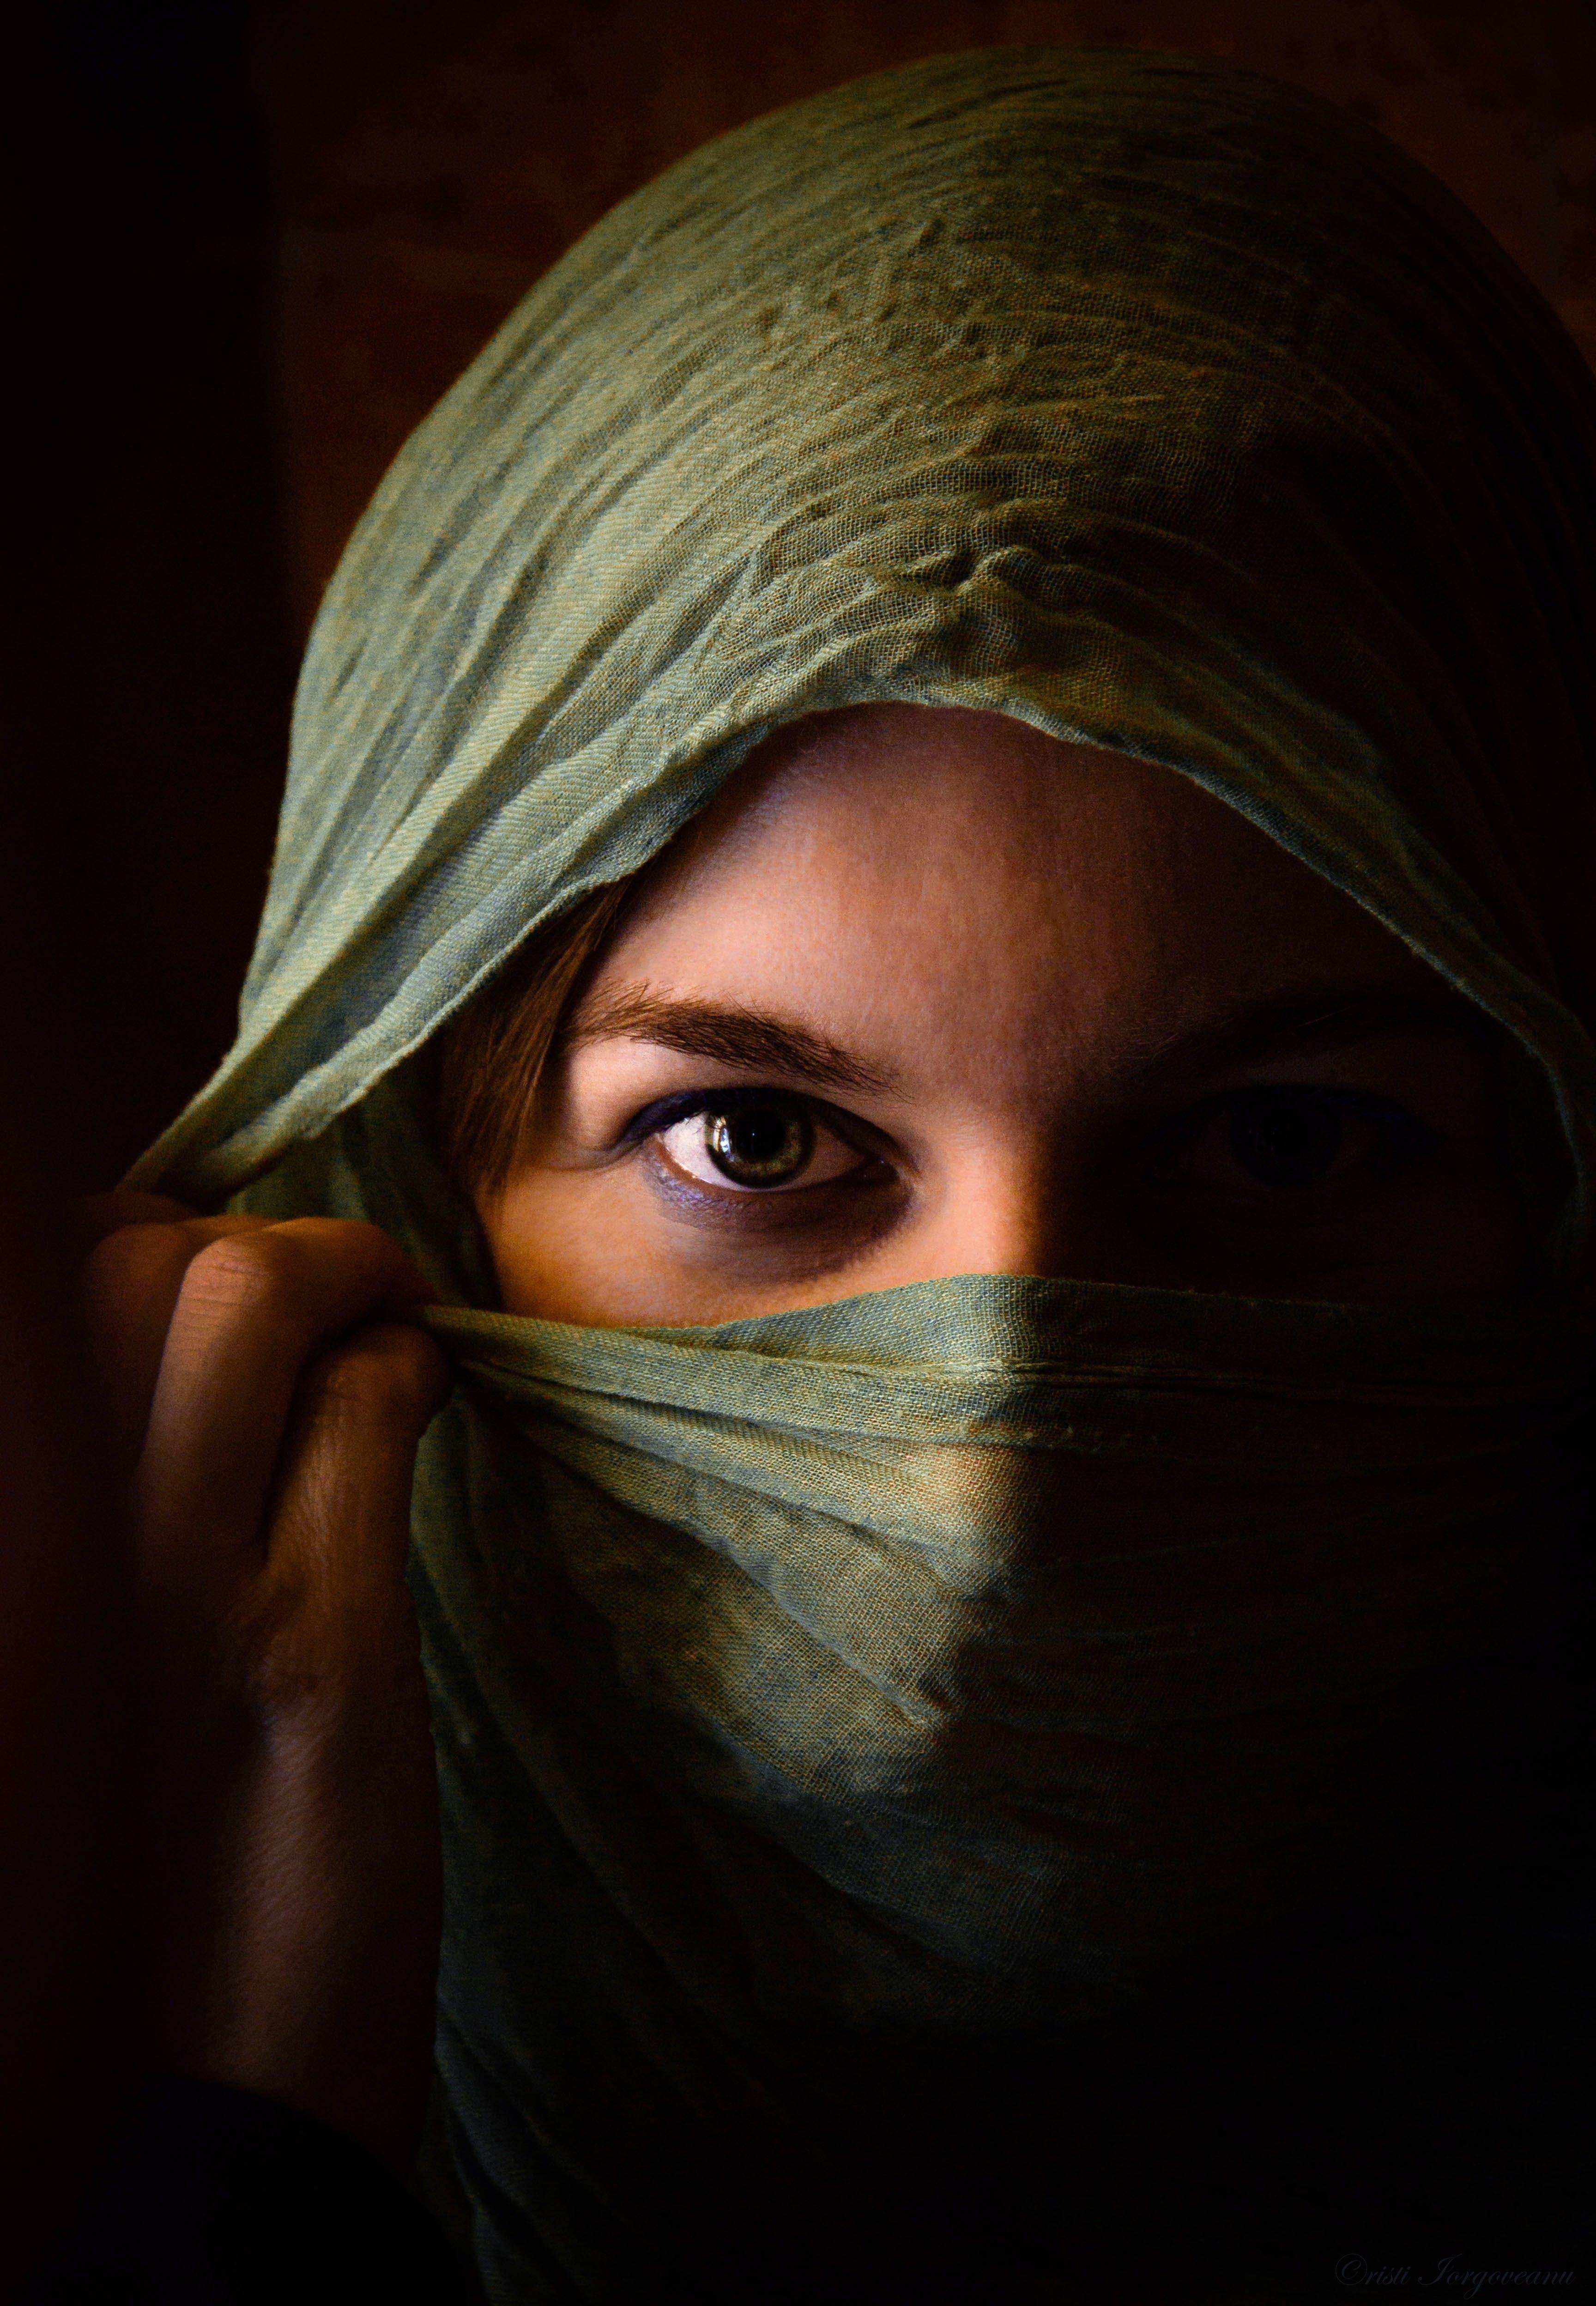 Woman in Green Hijab